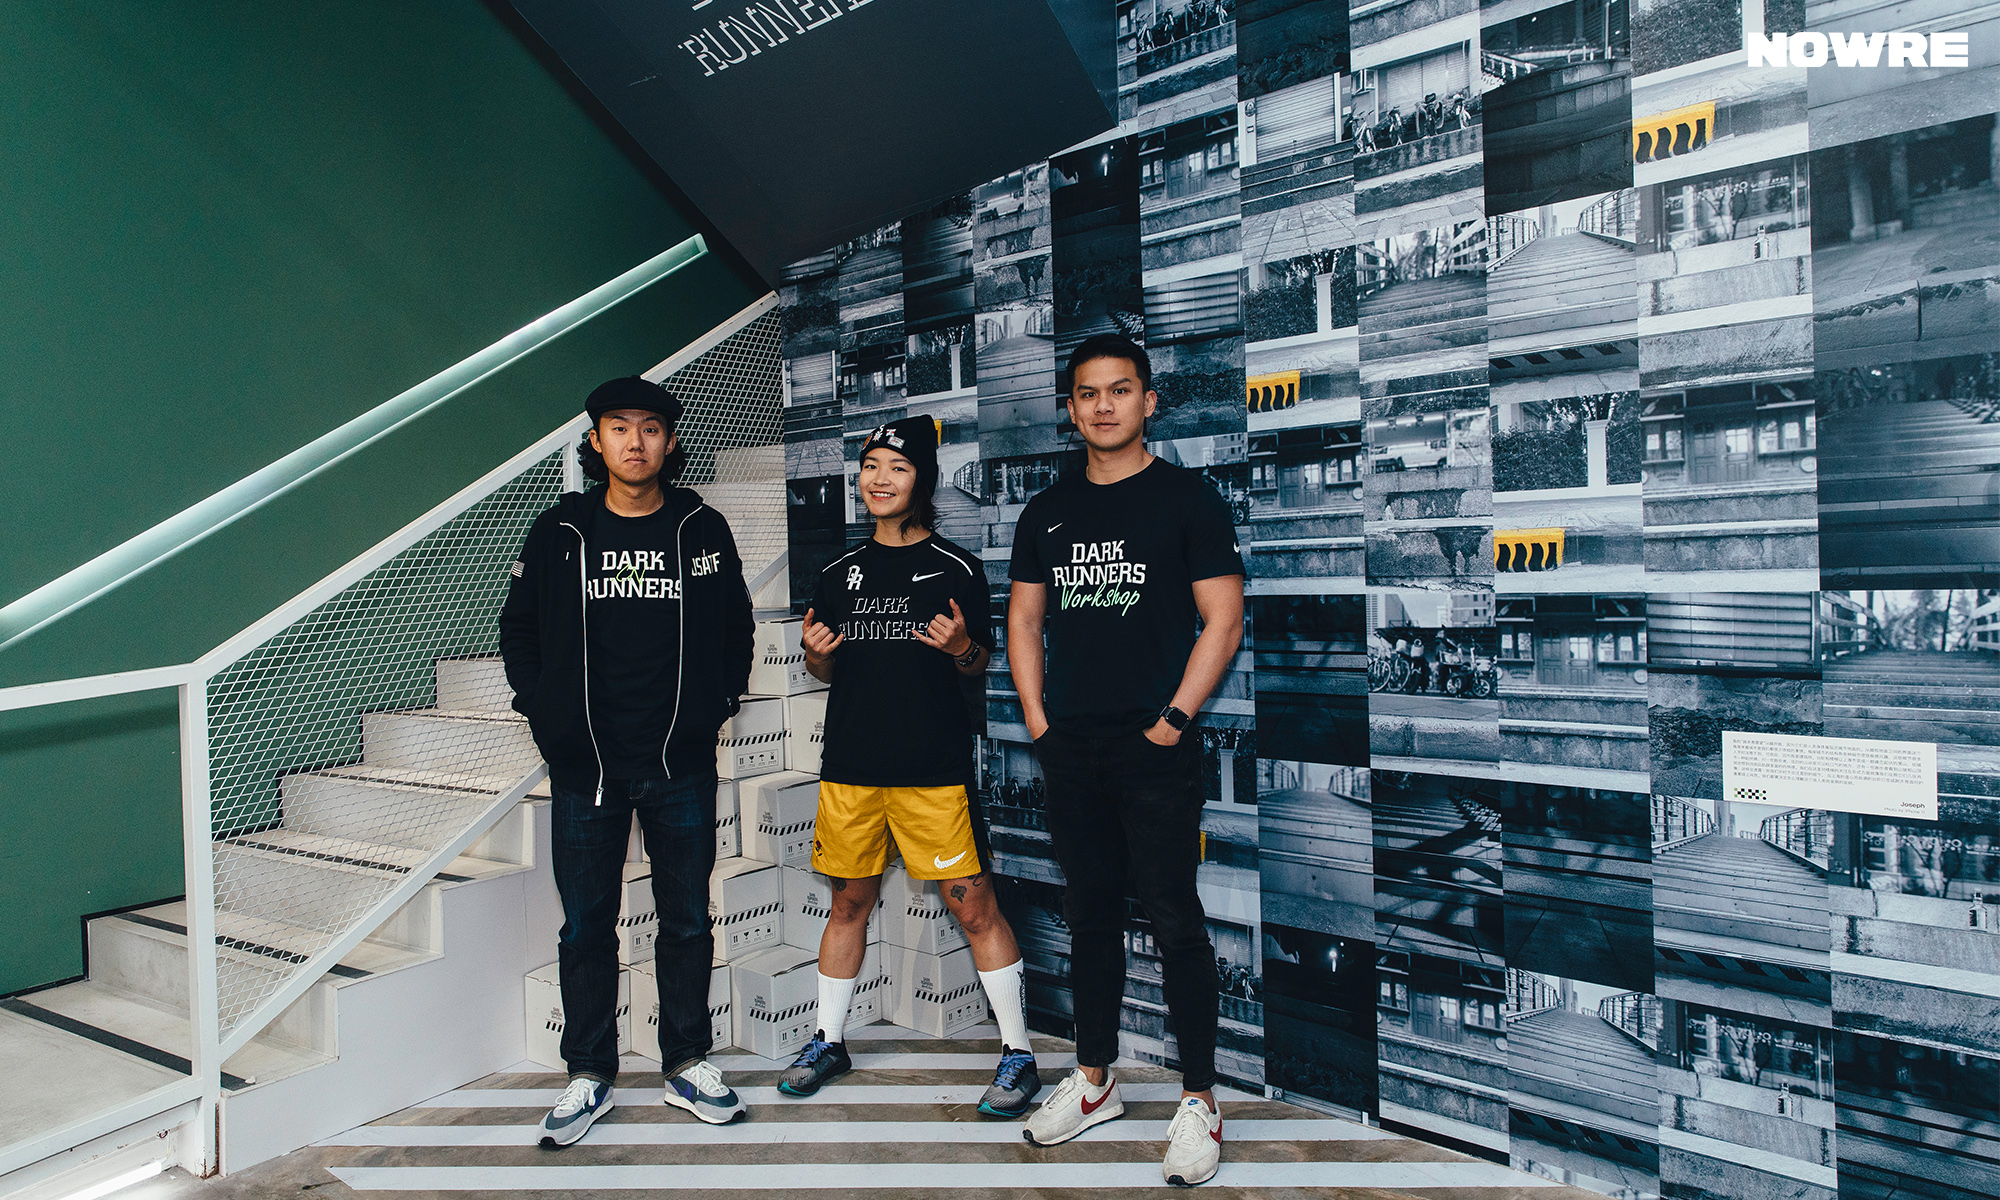 上海夜跑团体 DarkRunners:跑步的意义在于挑战自我